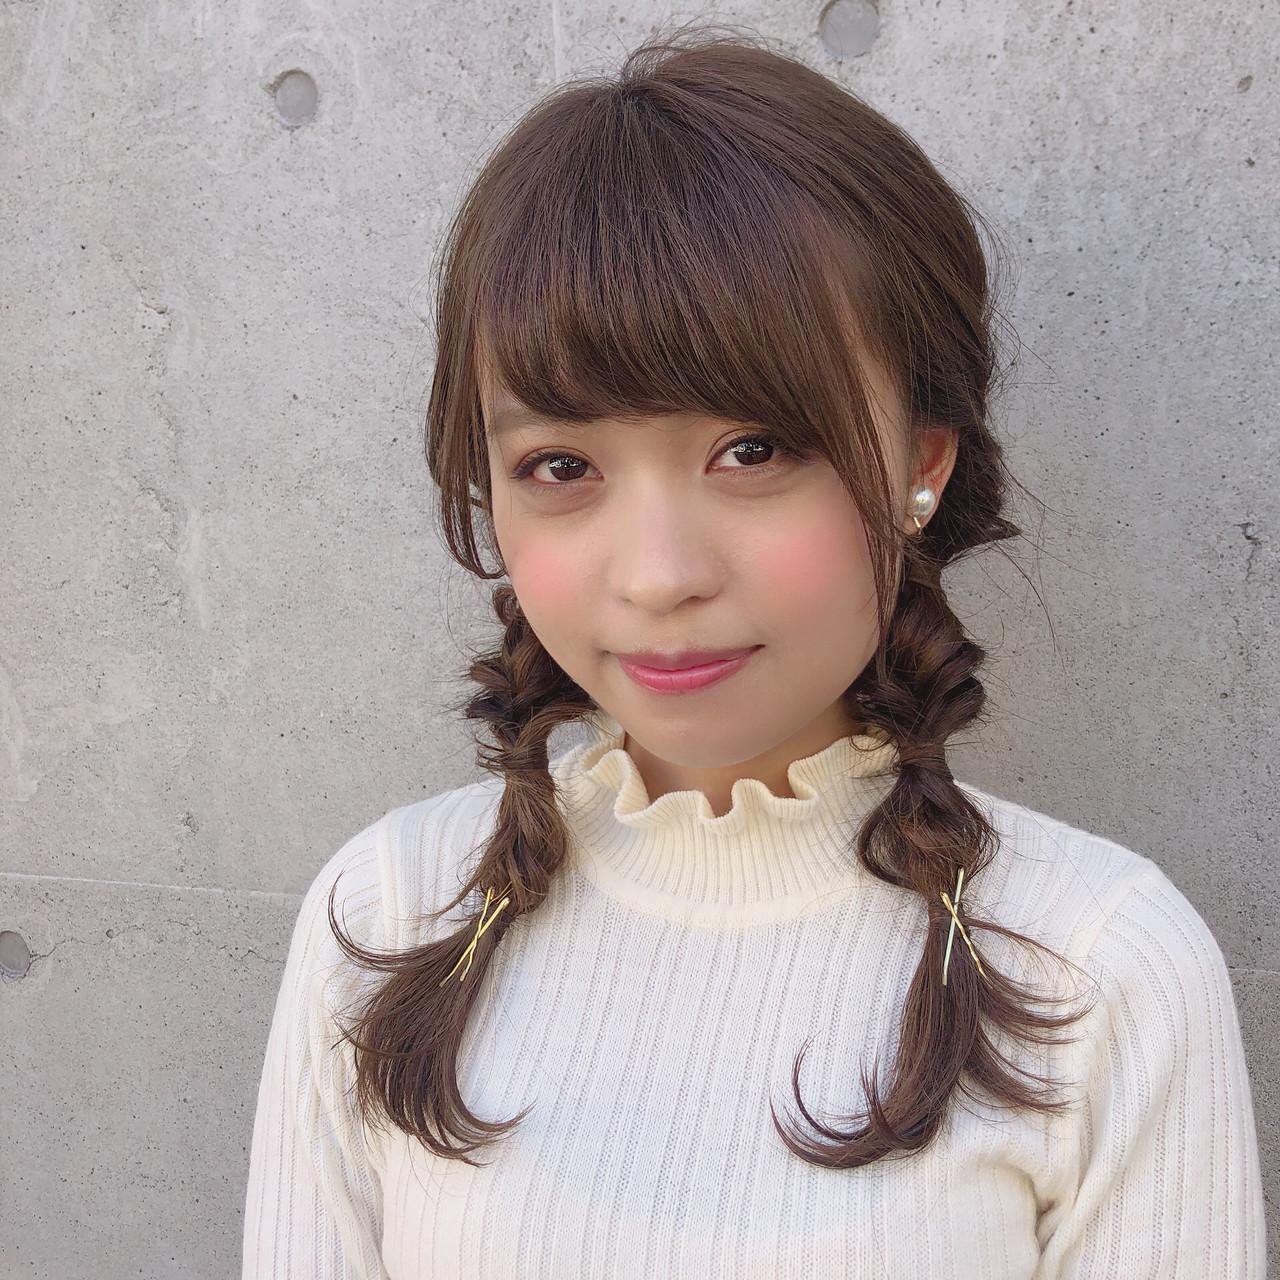 【髪型に迷う女子必見!】流行りの髪型でおしゃれ女子に変身♡の20枚目の画像